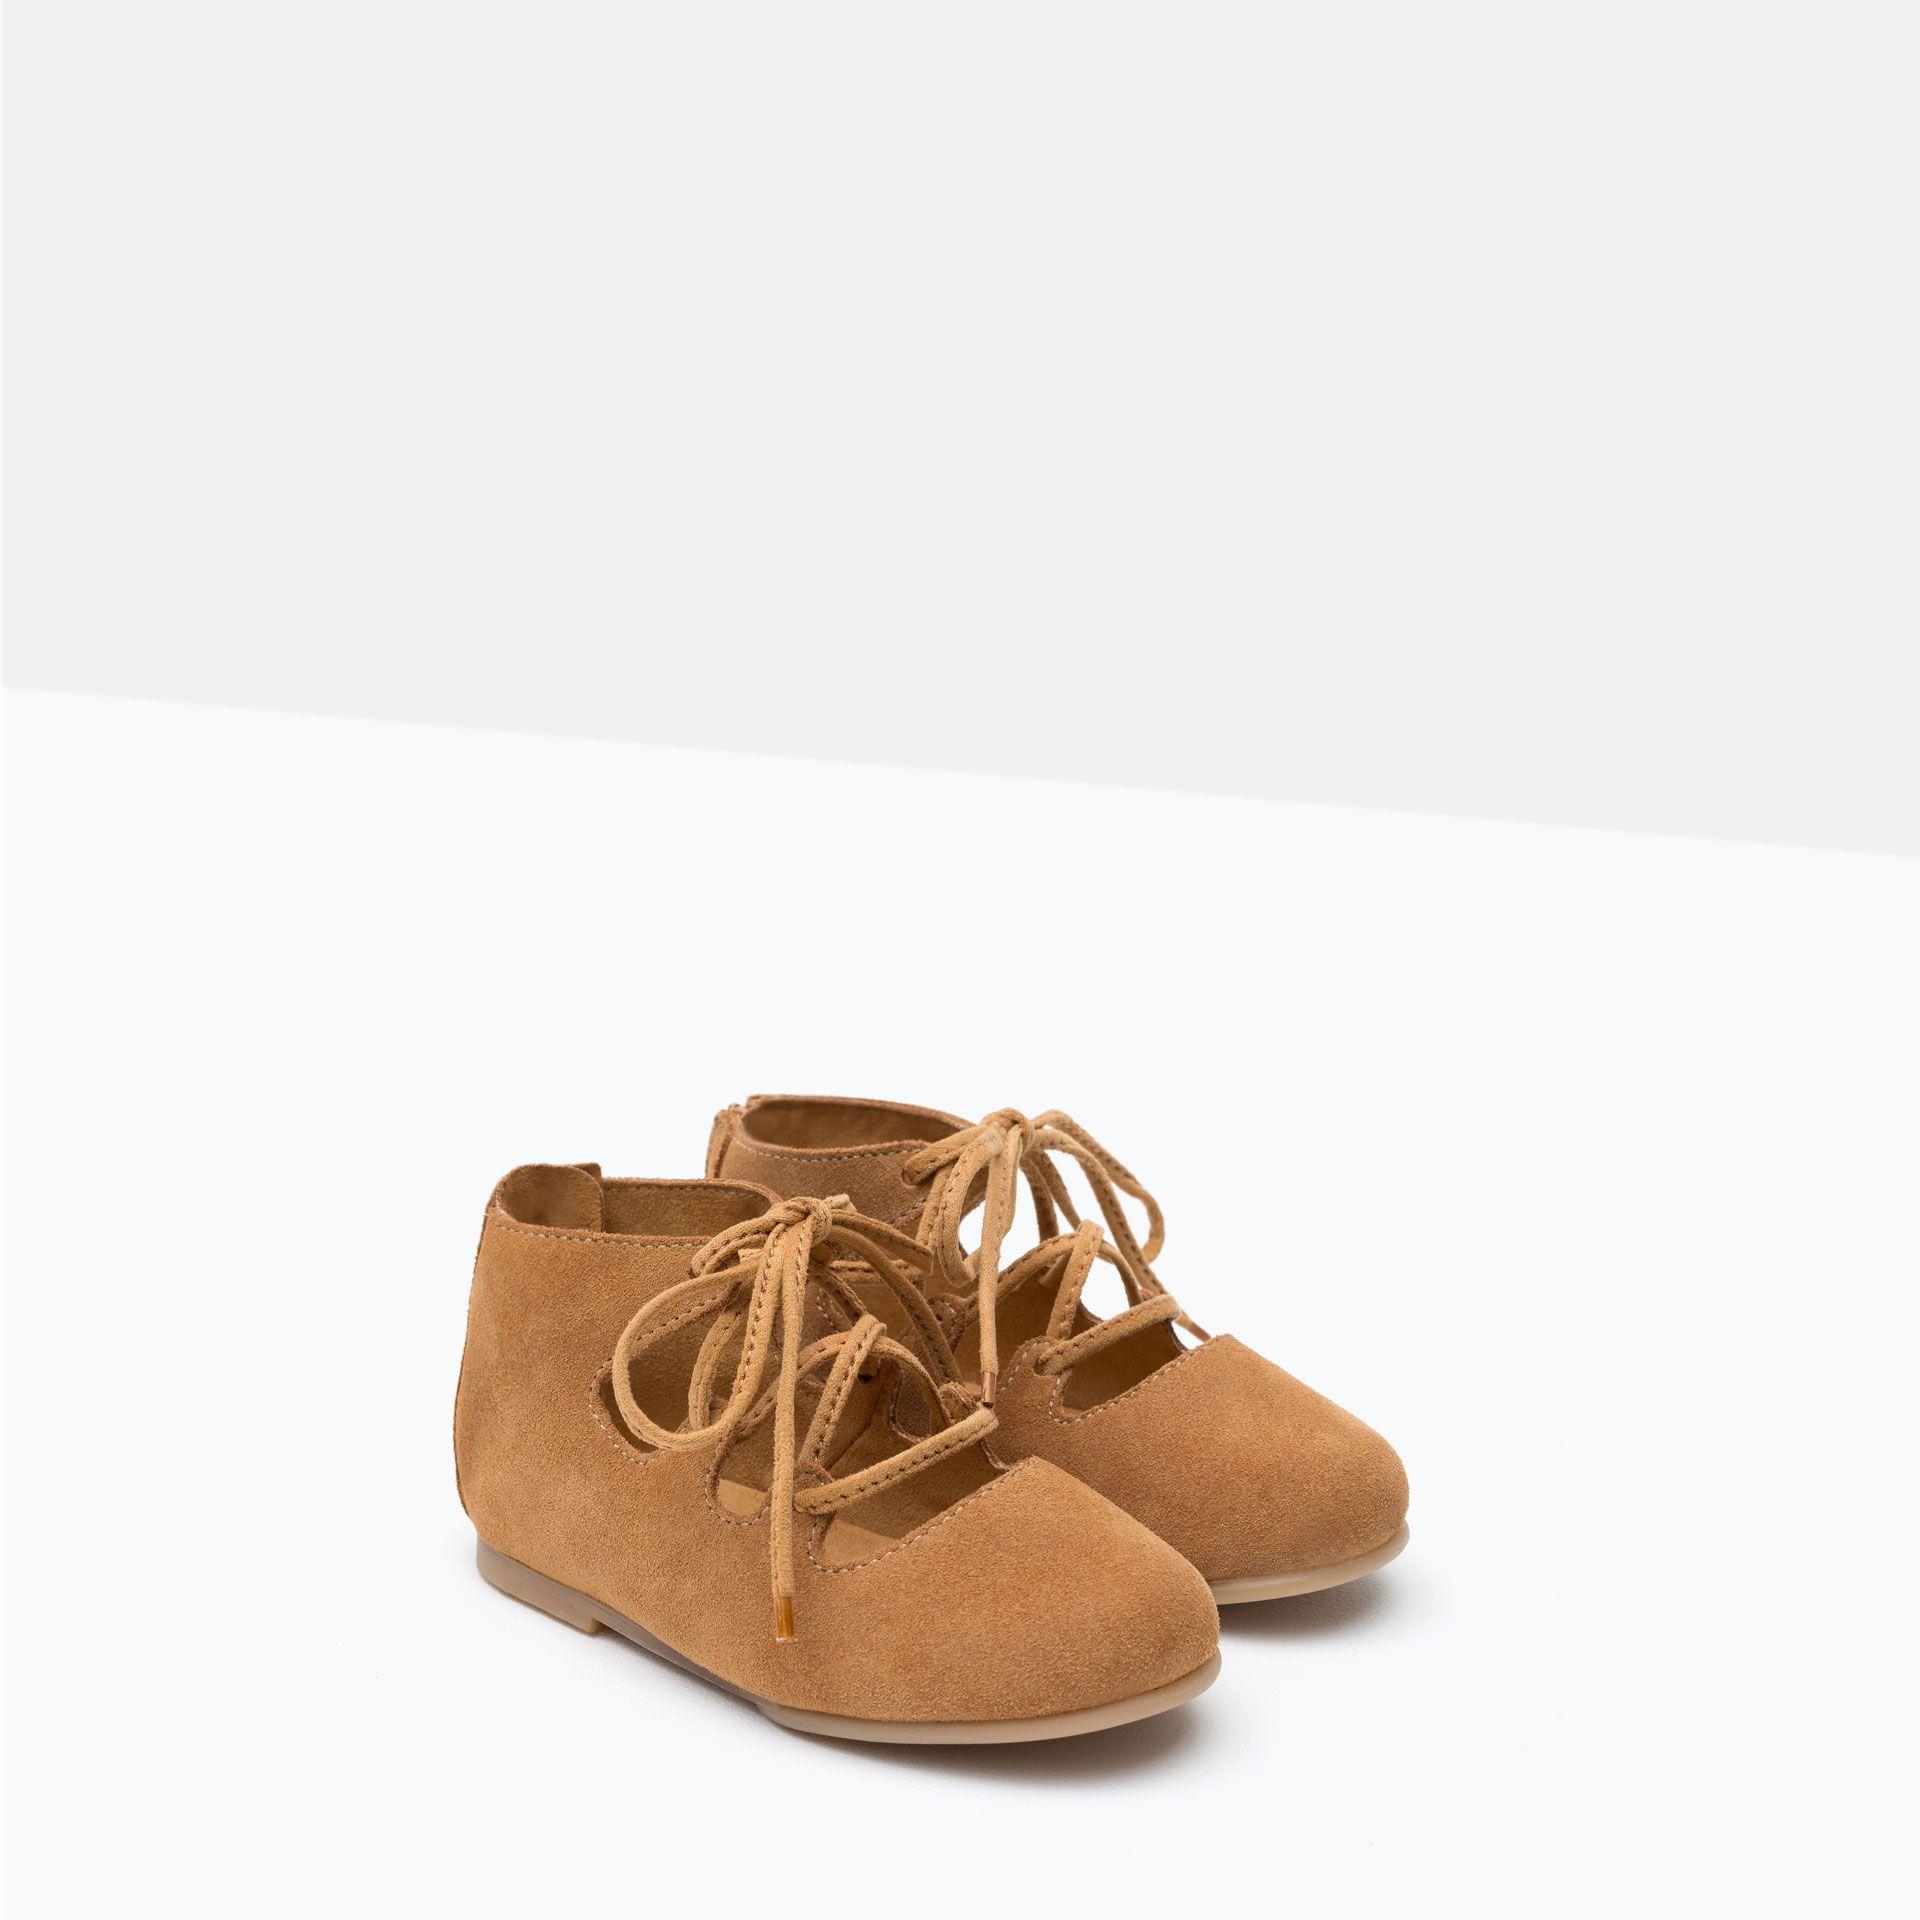 Skorzane Sznurowane Balerinki Buty Niemowle Dziewczynka 3 Miesiace 3 Lata Dzieci Baby Girl Shoes Zara Shoe Laces